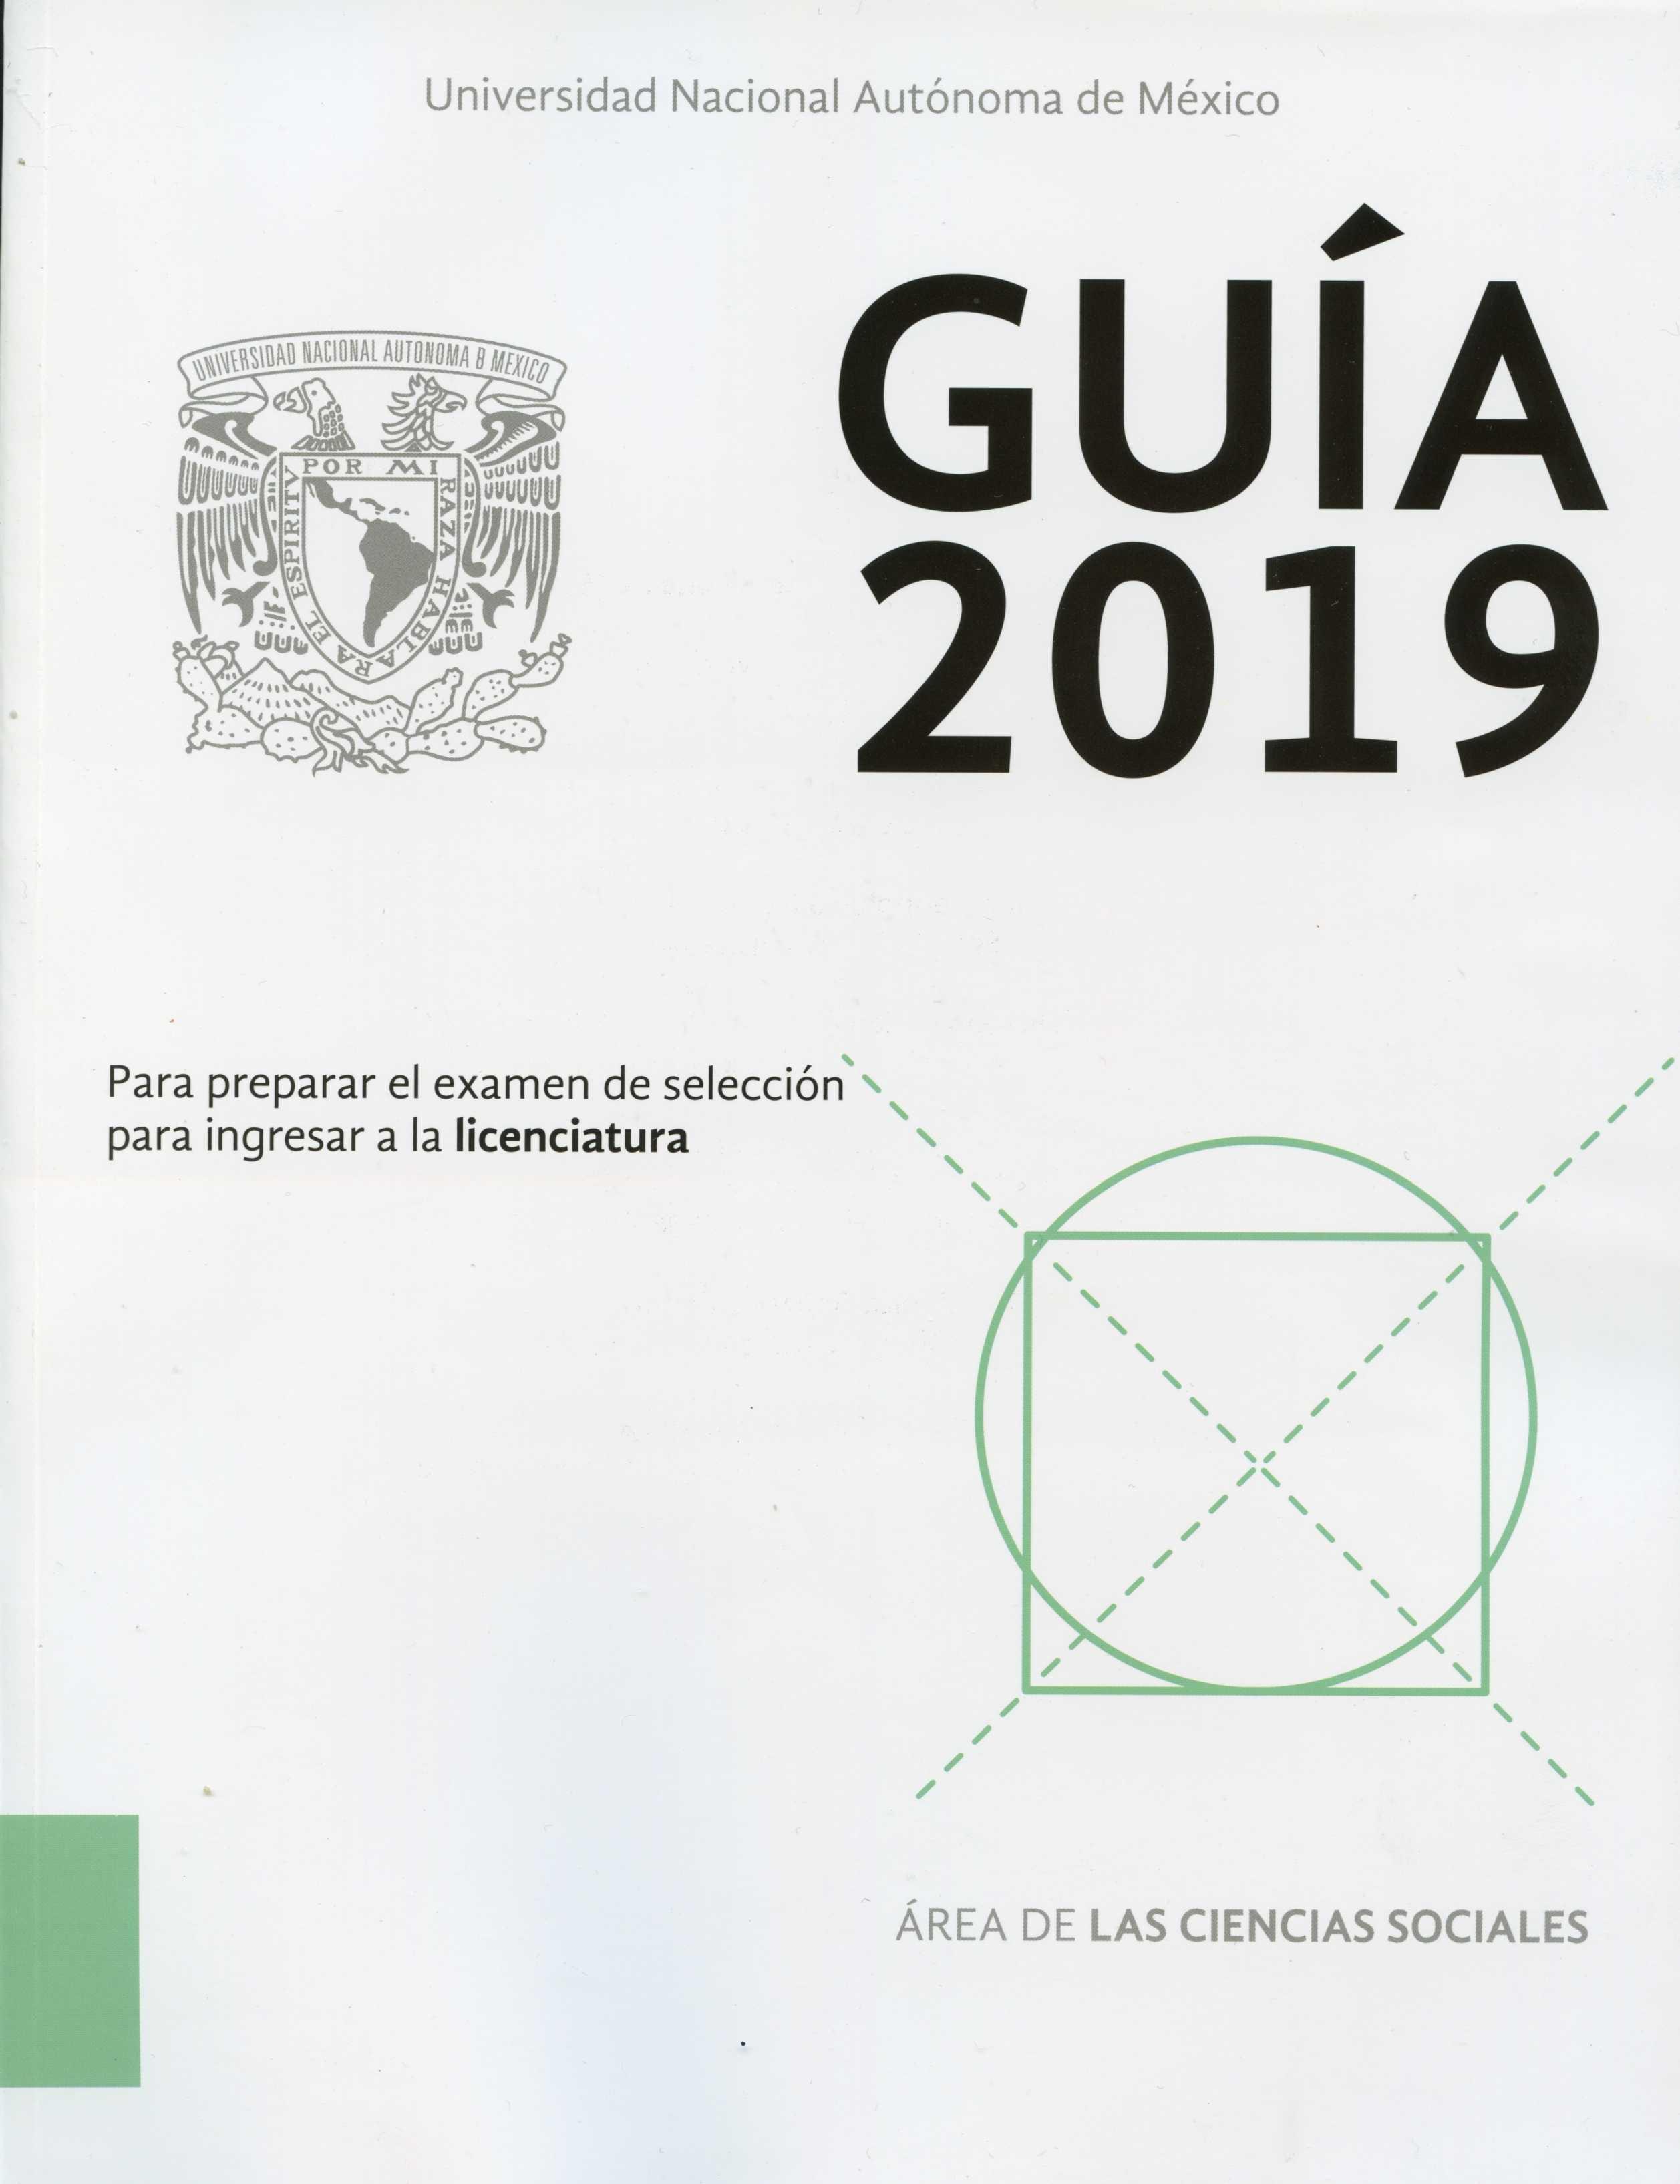 Guía 2019 para preparar el examen de selección para ingresar a la licenciatura Área de las ciencias sociales